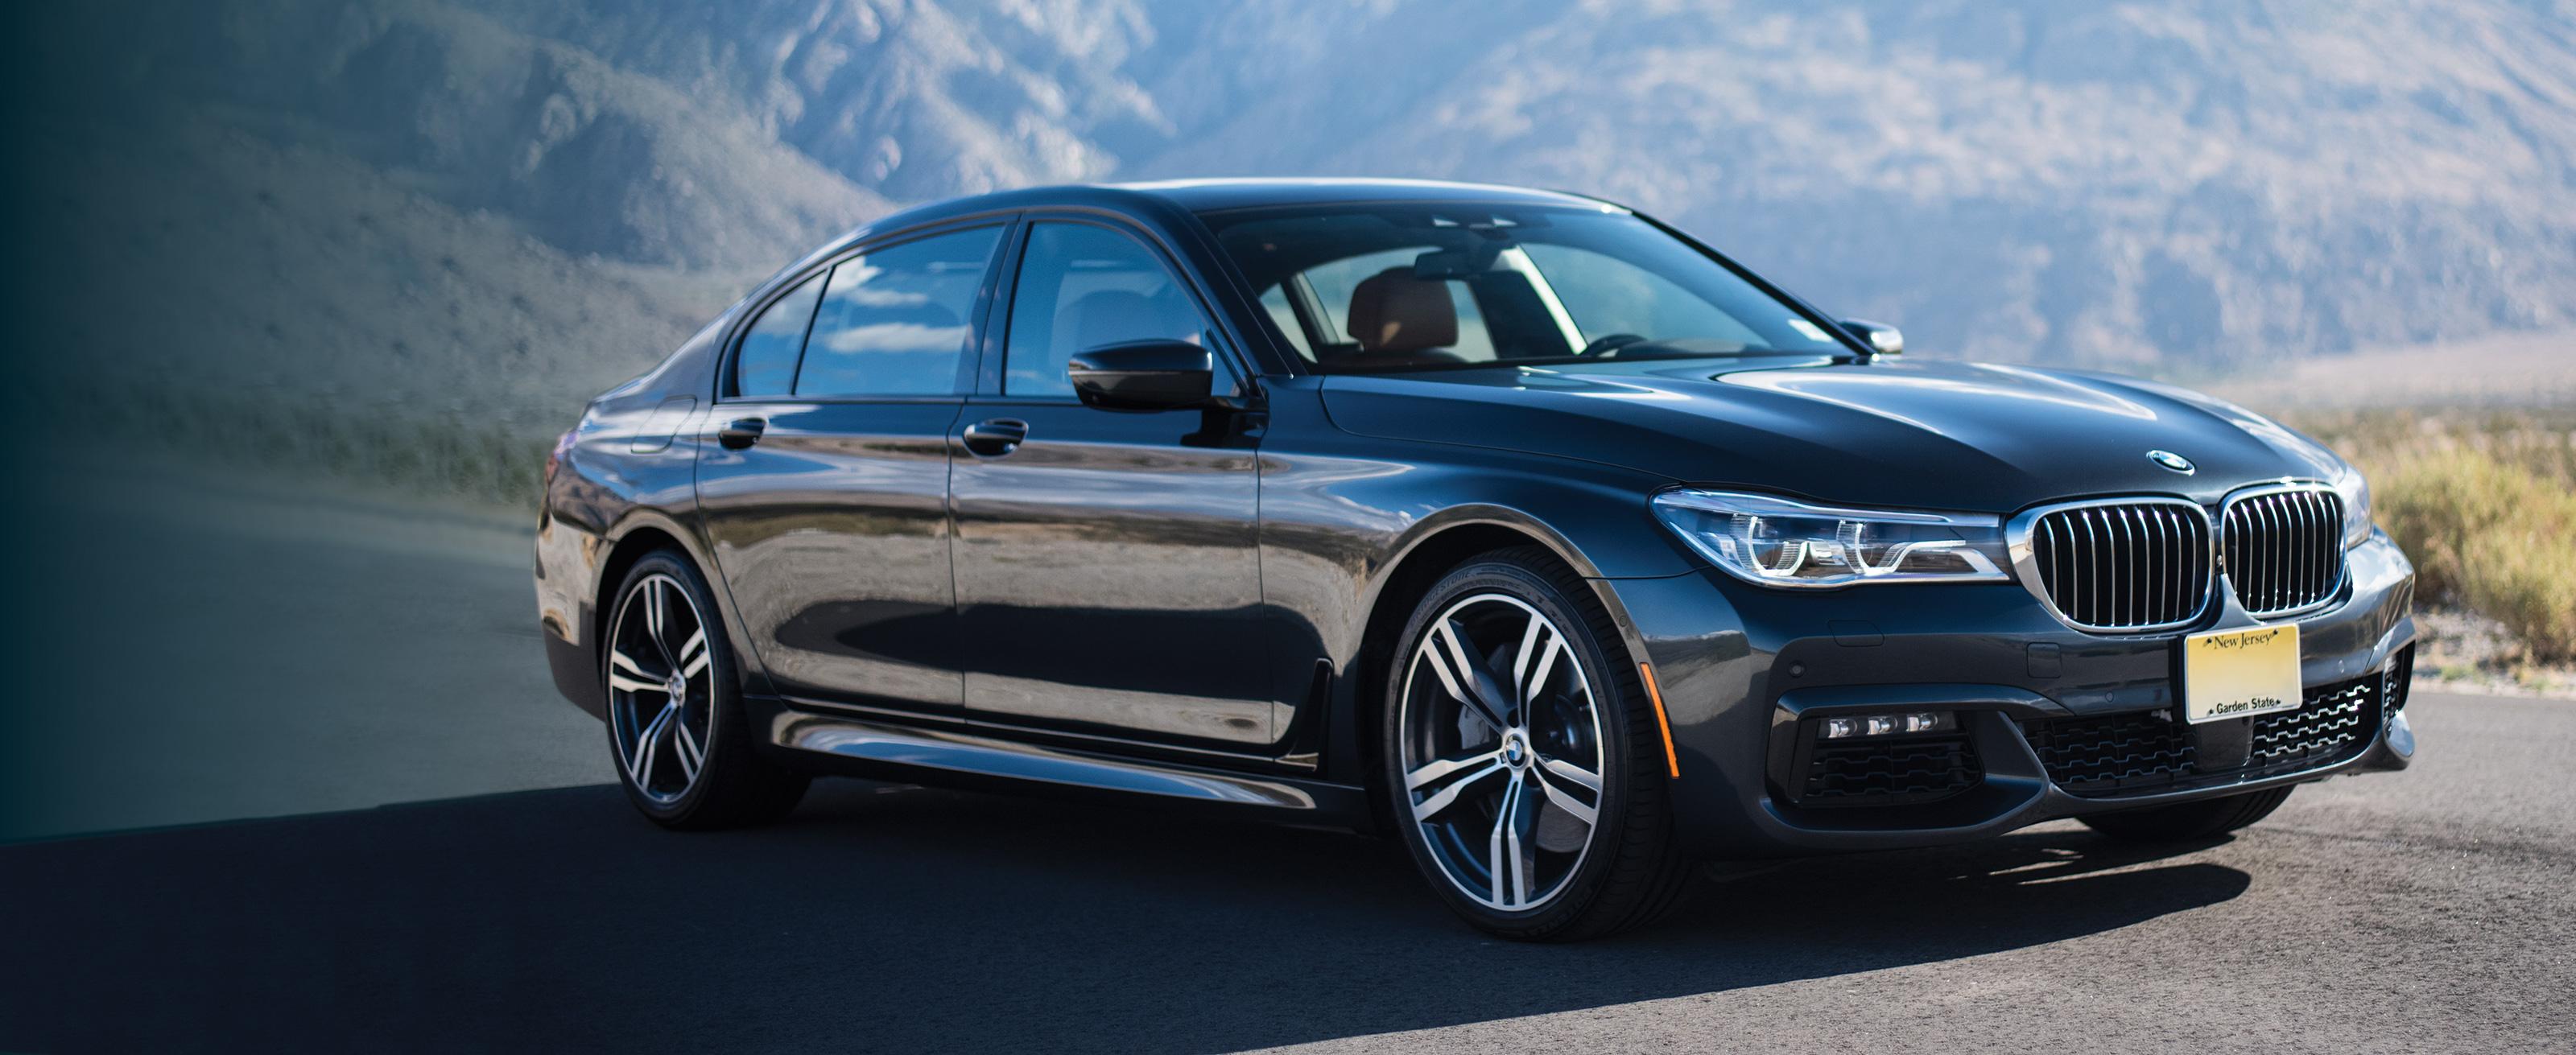 The BMW 750i xDrive M-Sport • Kingdom Magazine